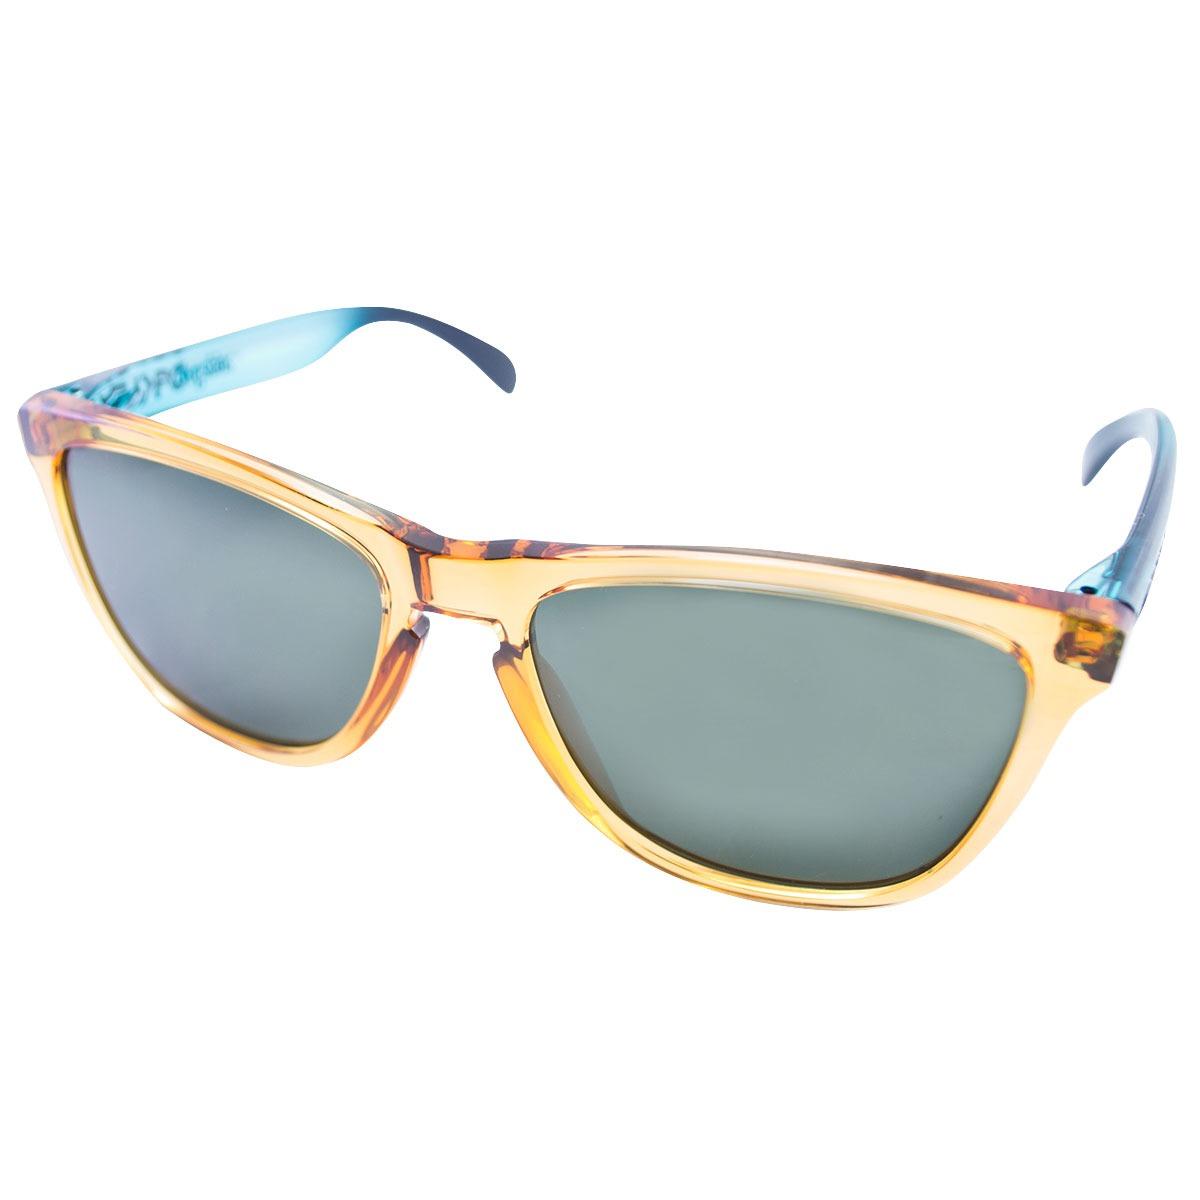 Óculos Oakley Frogskins - R  449,90 em Mercado Livre eeac5f1602